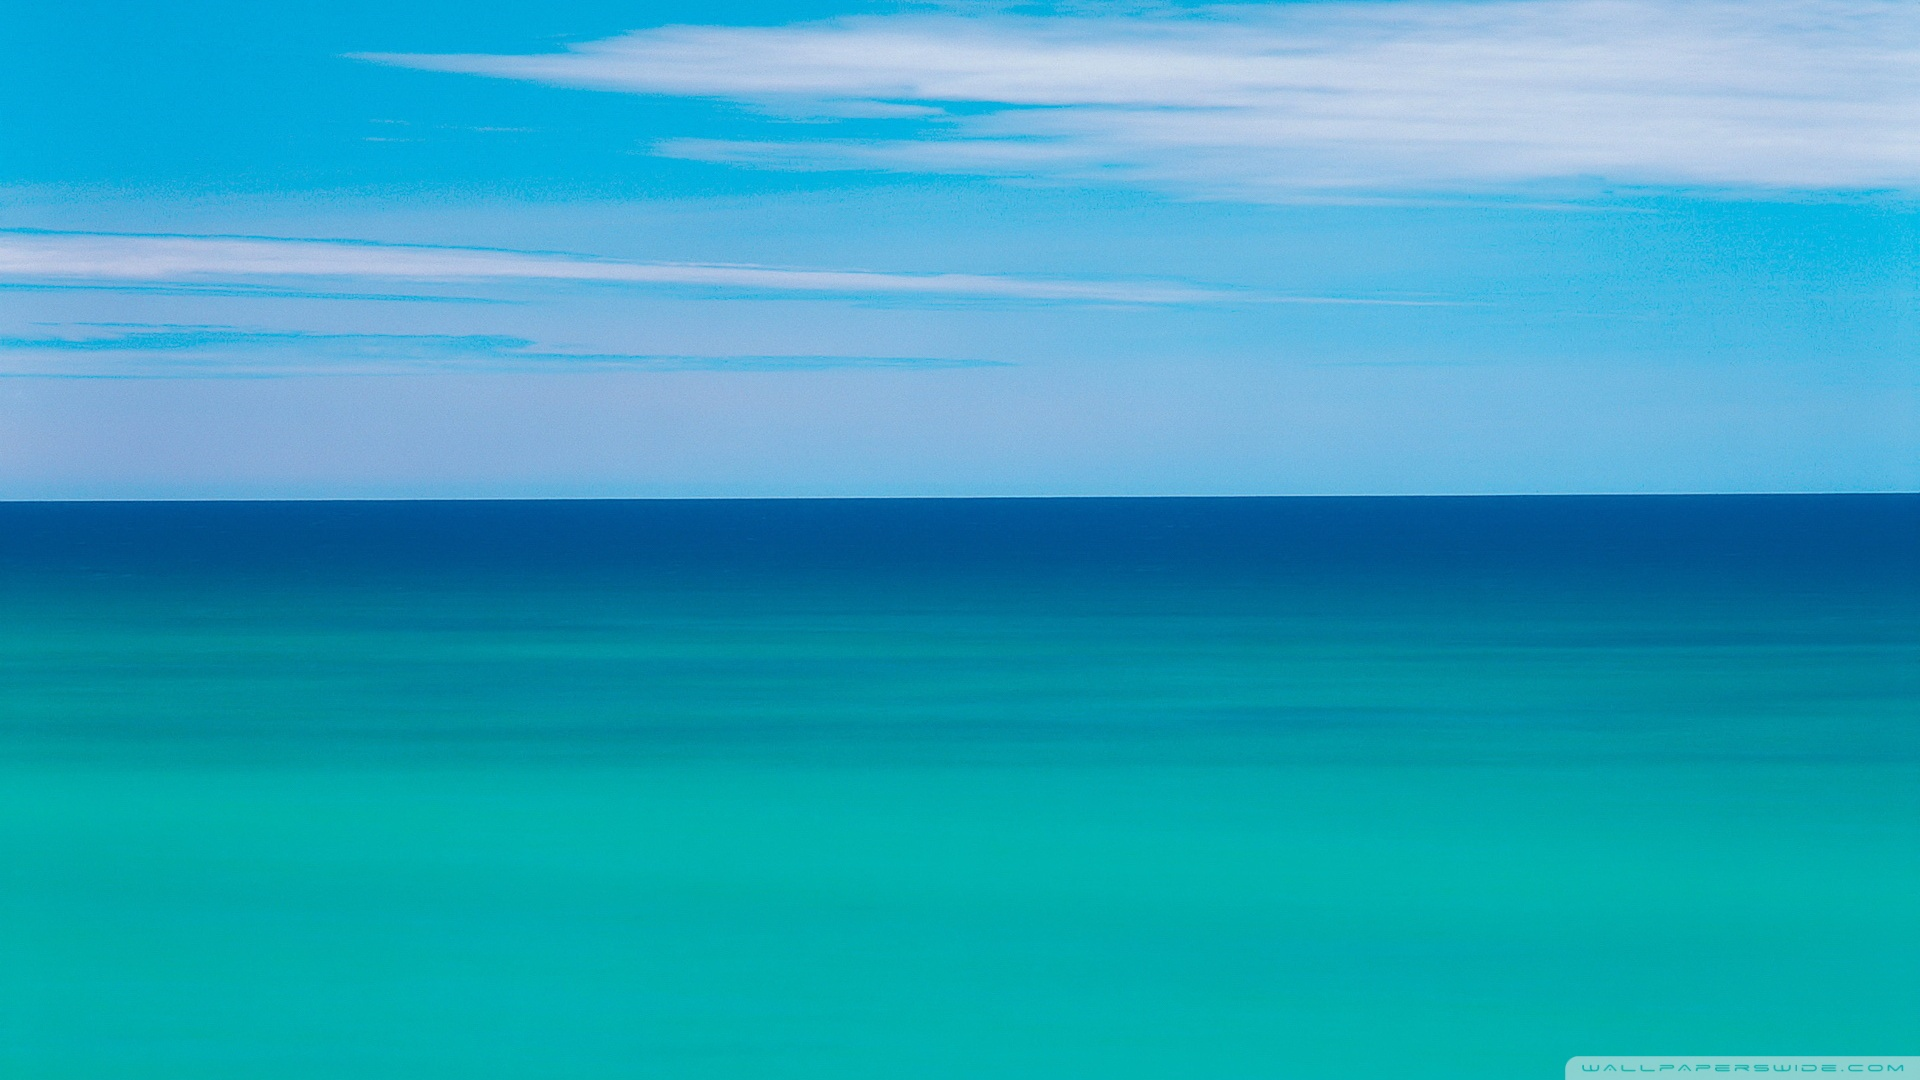 Ocean Background 1920x1080 the ocean wallpaper 1920x1080